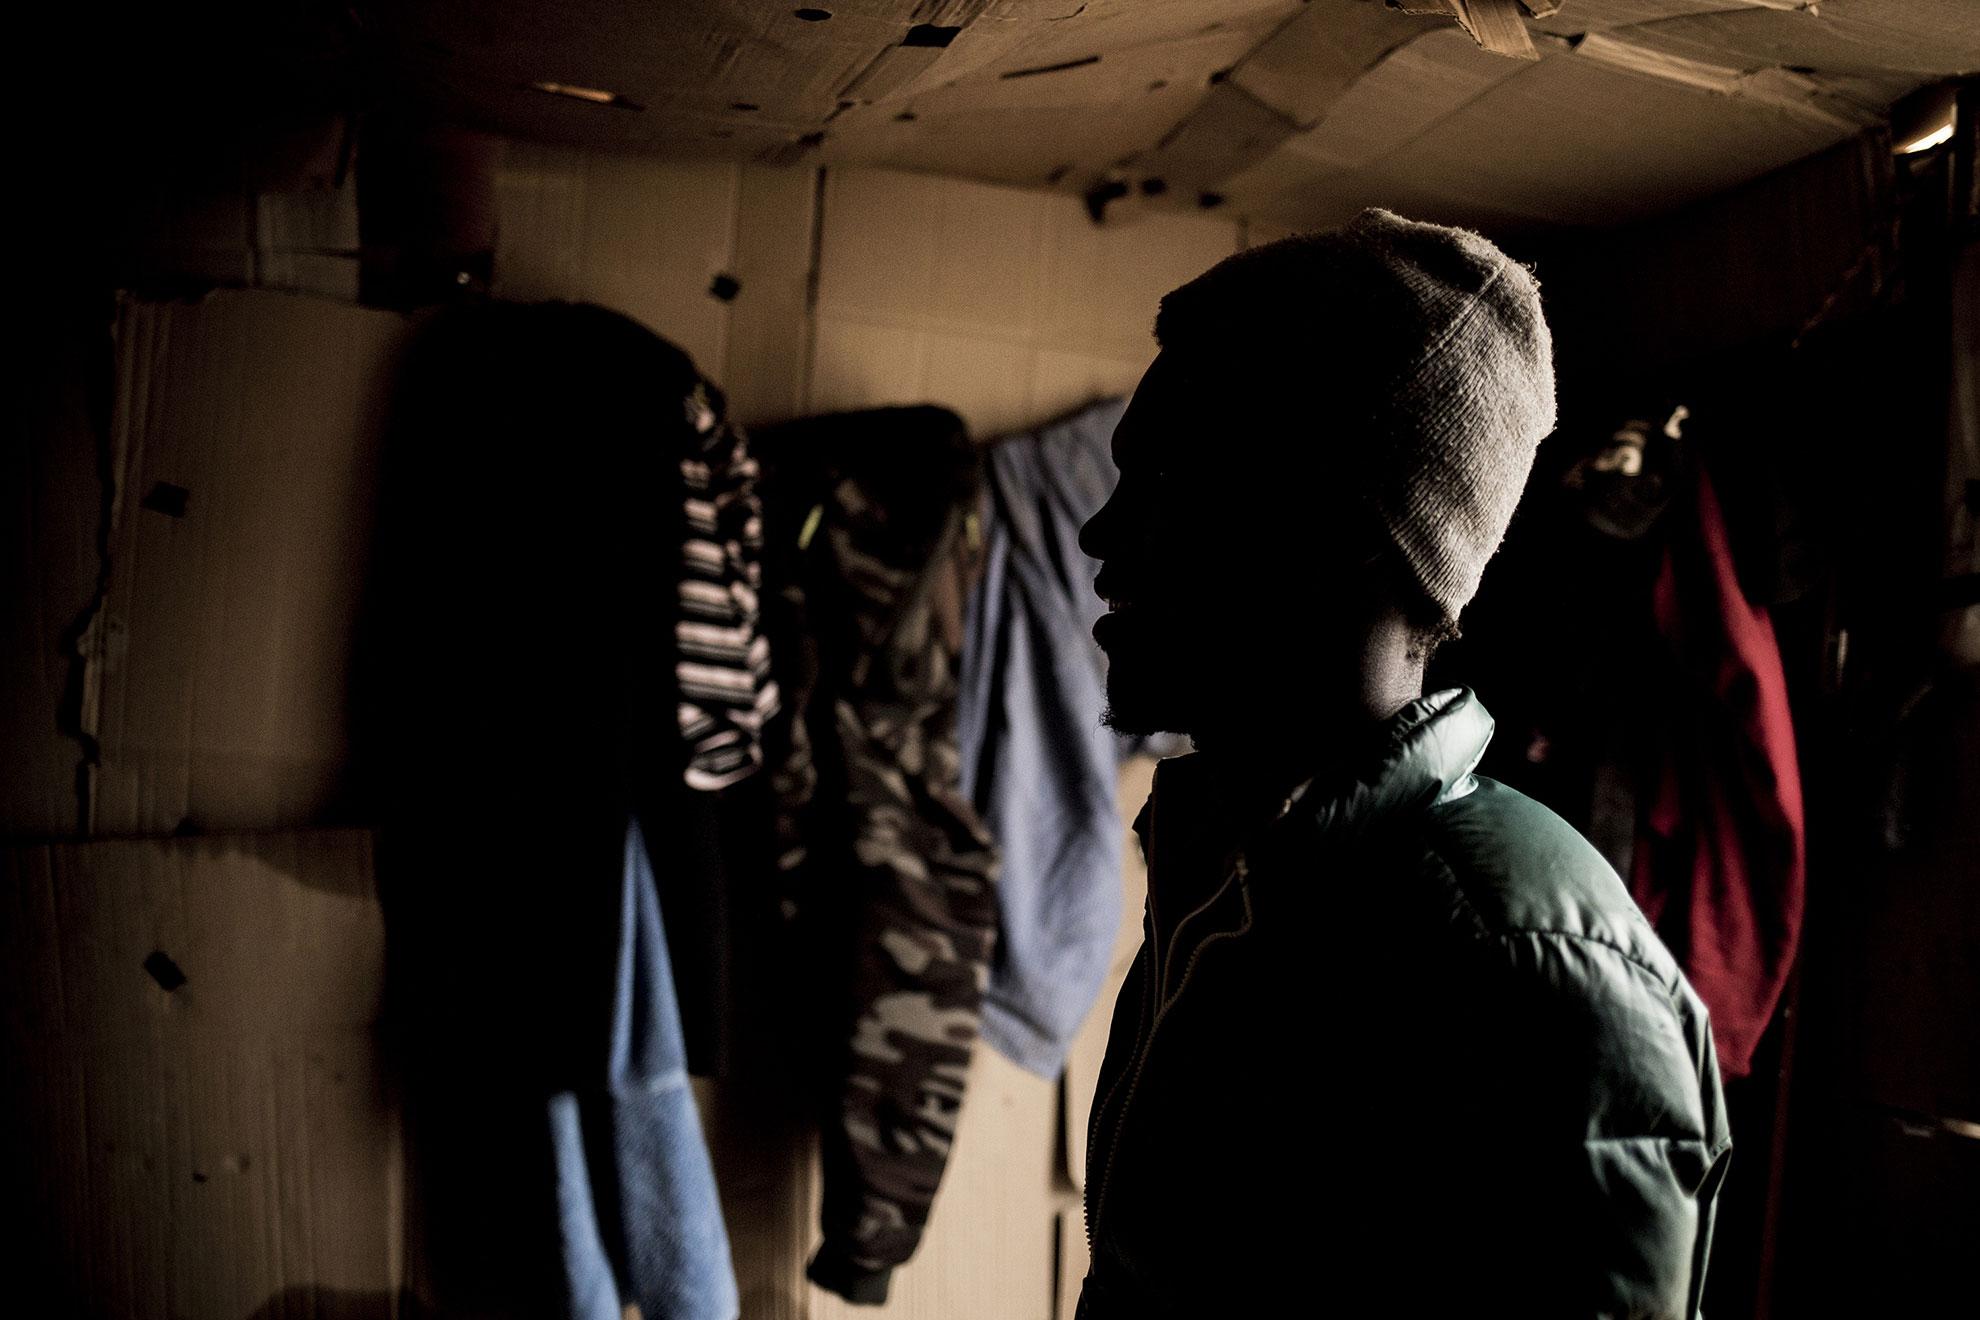 """""""Si llega el coronavirus al asentamiento... Dios dirá: no tenemos agua ni electricidad, dormimos cuatro personas en la misma chabola cada noche"""" dice Baboucar, de 31 años, cuando le pregunto sobe la pandemia de COVID-19. Es de Senegal y vive en un asentamiento chabolista en Lepe, Huelva. Llegó a España hace dos años tras cruzar el Mar de Alborán, Estrecho de Gibraltar, en una patera junto a otras 68 personas, """"La peor experiencia de mi vida, pasé mucho miedo"""", comenta. Fue rescatado por Salvamento Marítimo y llevado a puerto. Hoy en día intenta encontrar trabajo en la recolección de frutos rojos en Lepe """"es muy difícil si no tienes papeles, no te dejan trabajar, necesitamos papeles"""". Vive en una chabola hecha con madera y plástico en un terreno cercano a un polígono industrial. En Senegal era informático, tiene mujer y dos niños, no se plantea regresar ya que todo el esfuerzo y lo que ha vivido hasta ahora habría sido en vano. """"Si tengo papeles y trabajo, entonces todo bien, regreso a Senegal a por mi familia y ayudo a mis padres"""". Se estima que solo en Lepe hay unas 1.400 personas viviendo en estas condiciones, repartidos en 13 asentamientos diseminados por el término municipal."""